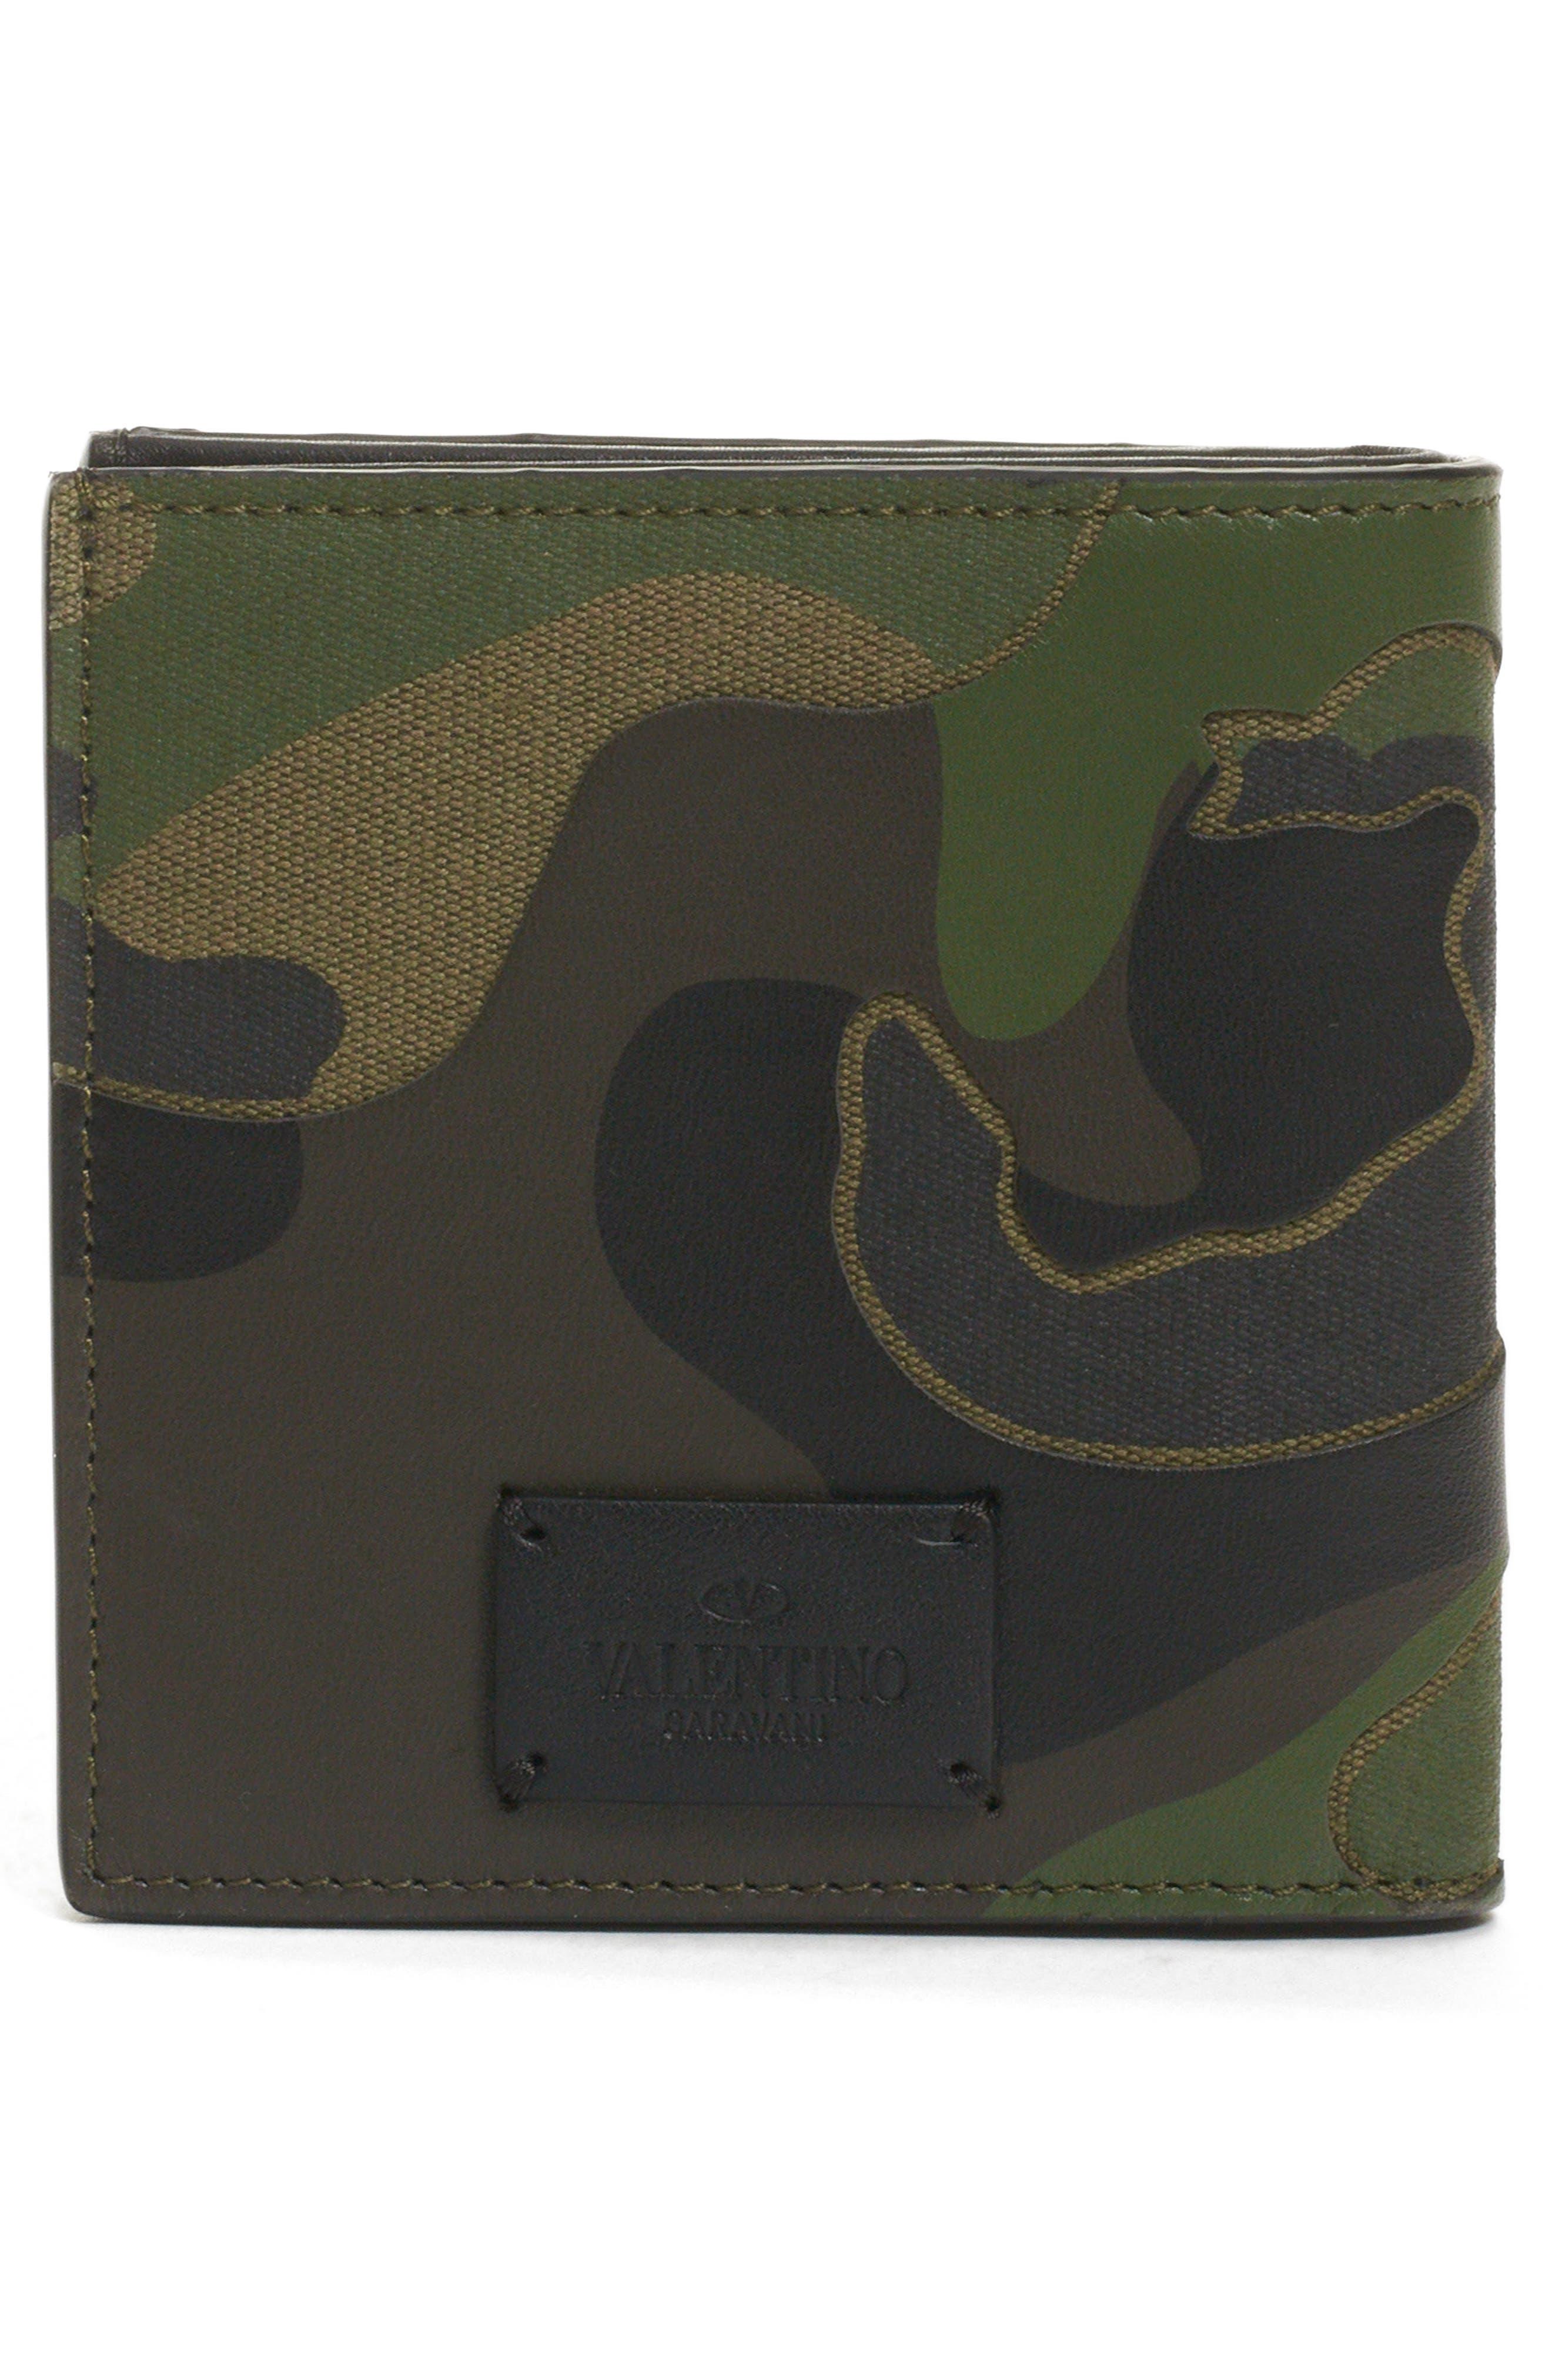 GARAVANI Camo Wallet,                             Alternate thumbnail 3, color,                             CAMO ARMY